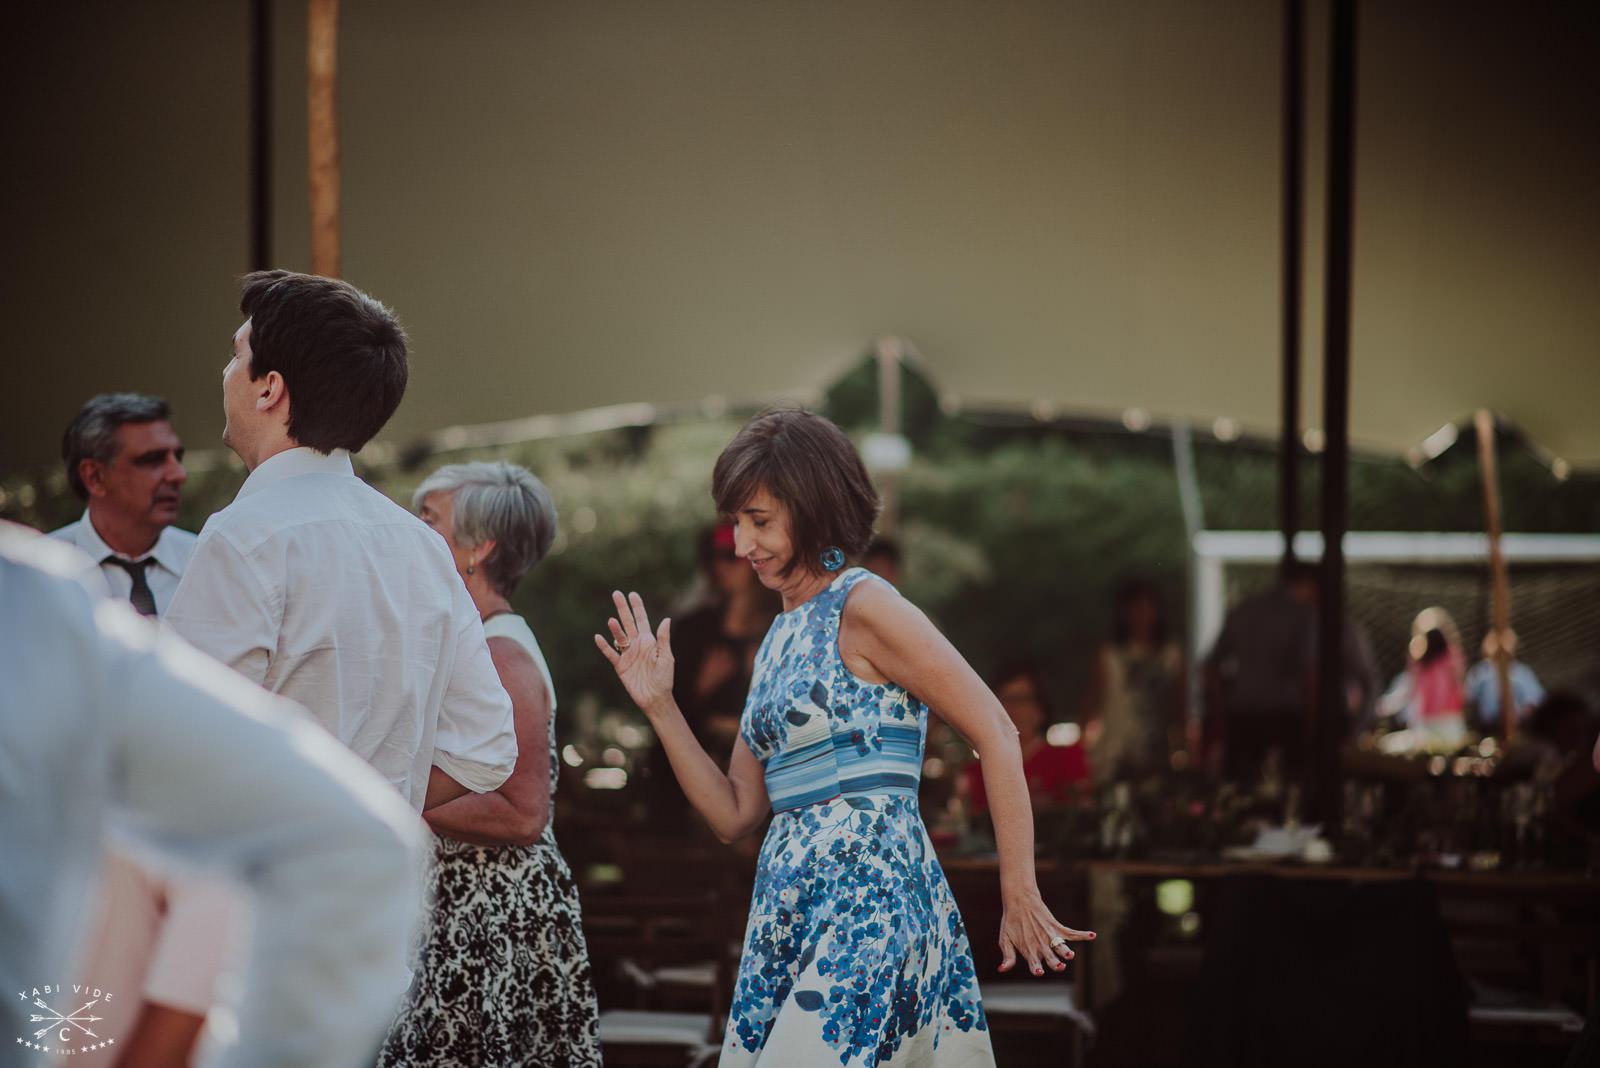 fotografo de bodas en bilbao-148